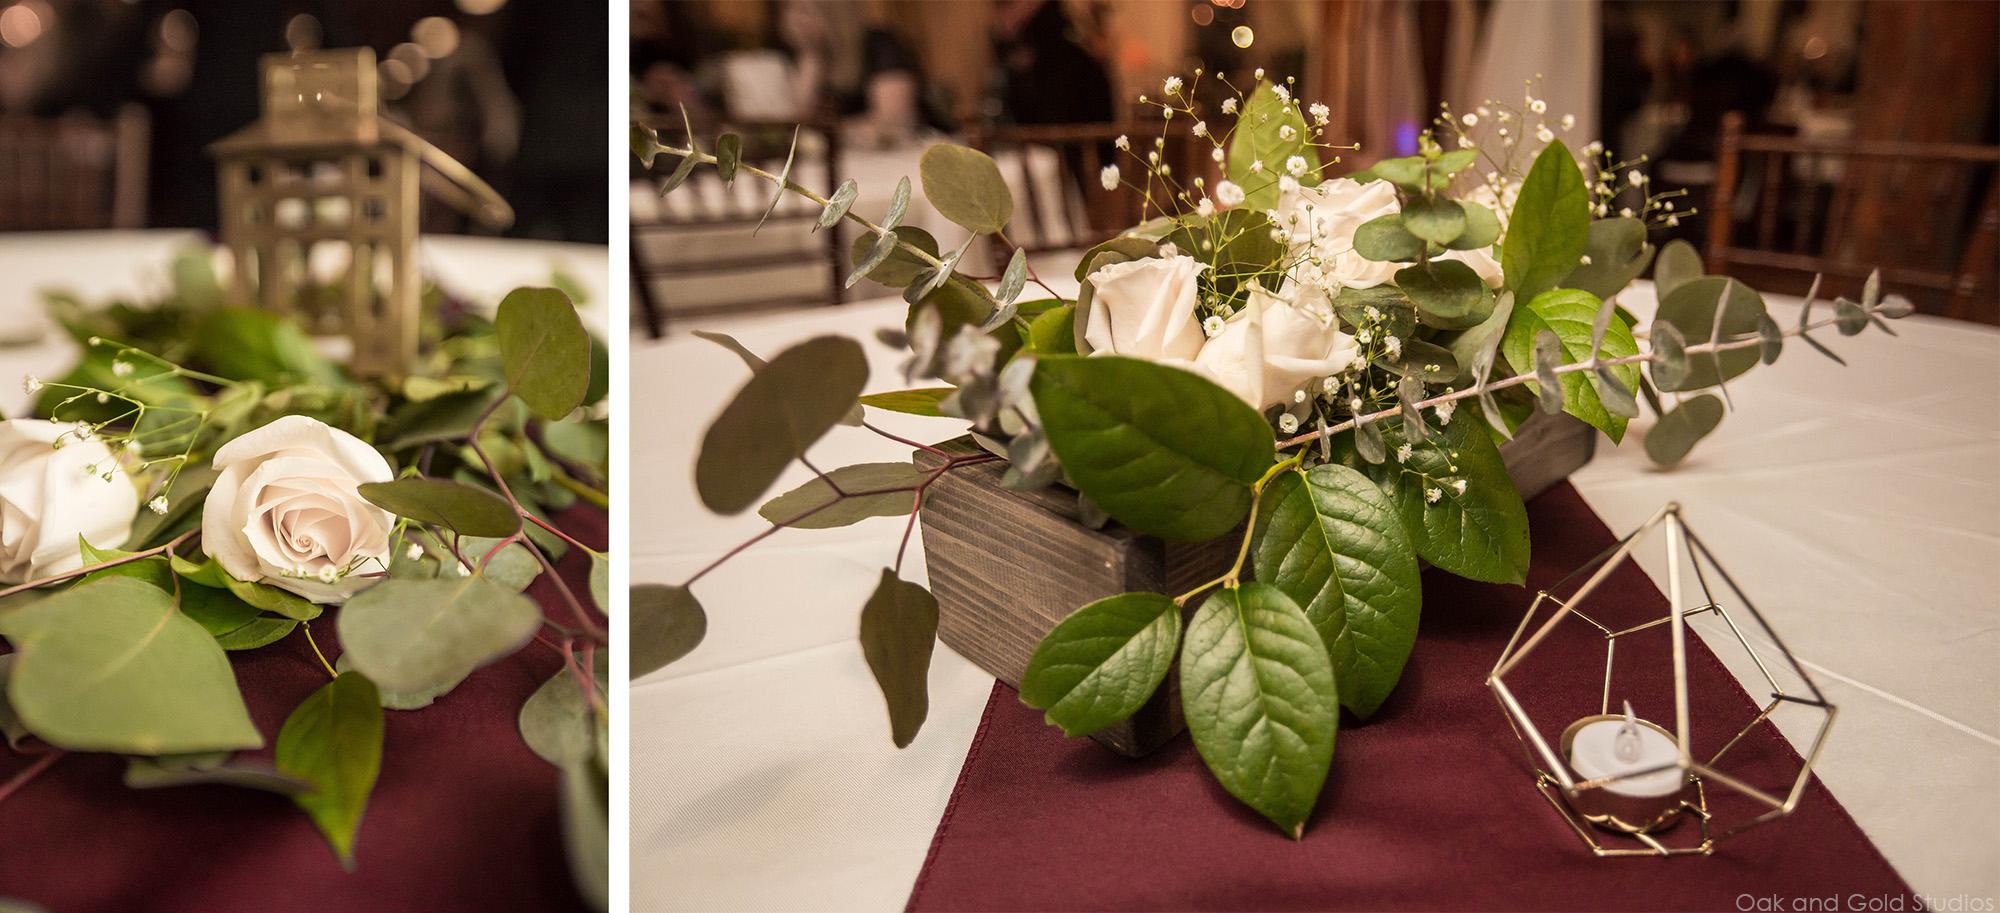 white rose wedding details.jpg